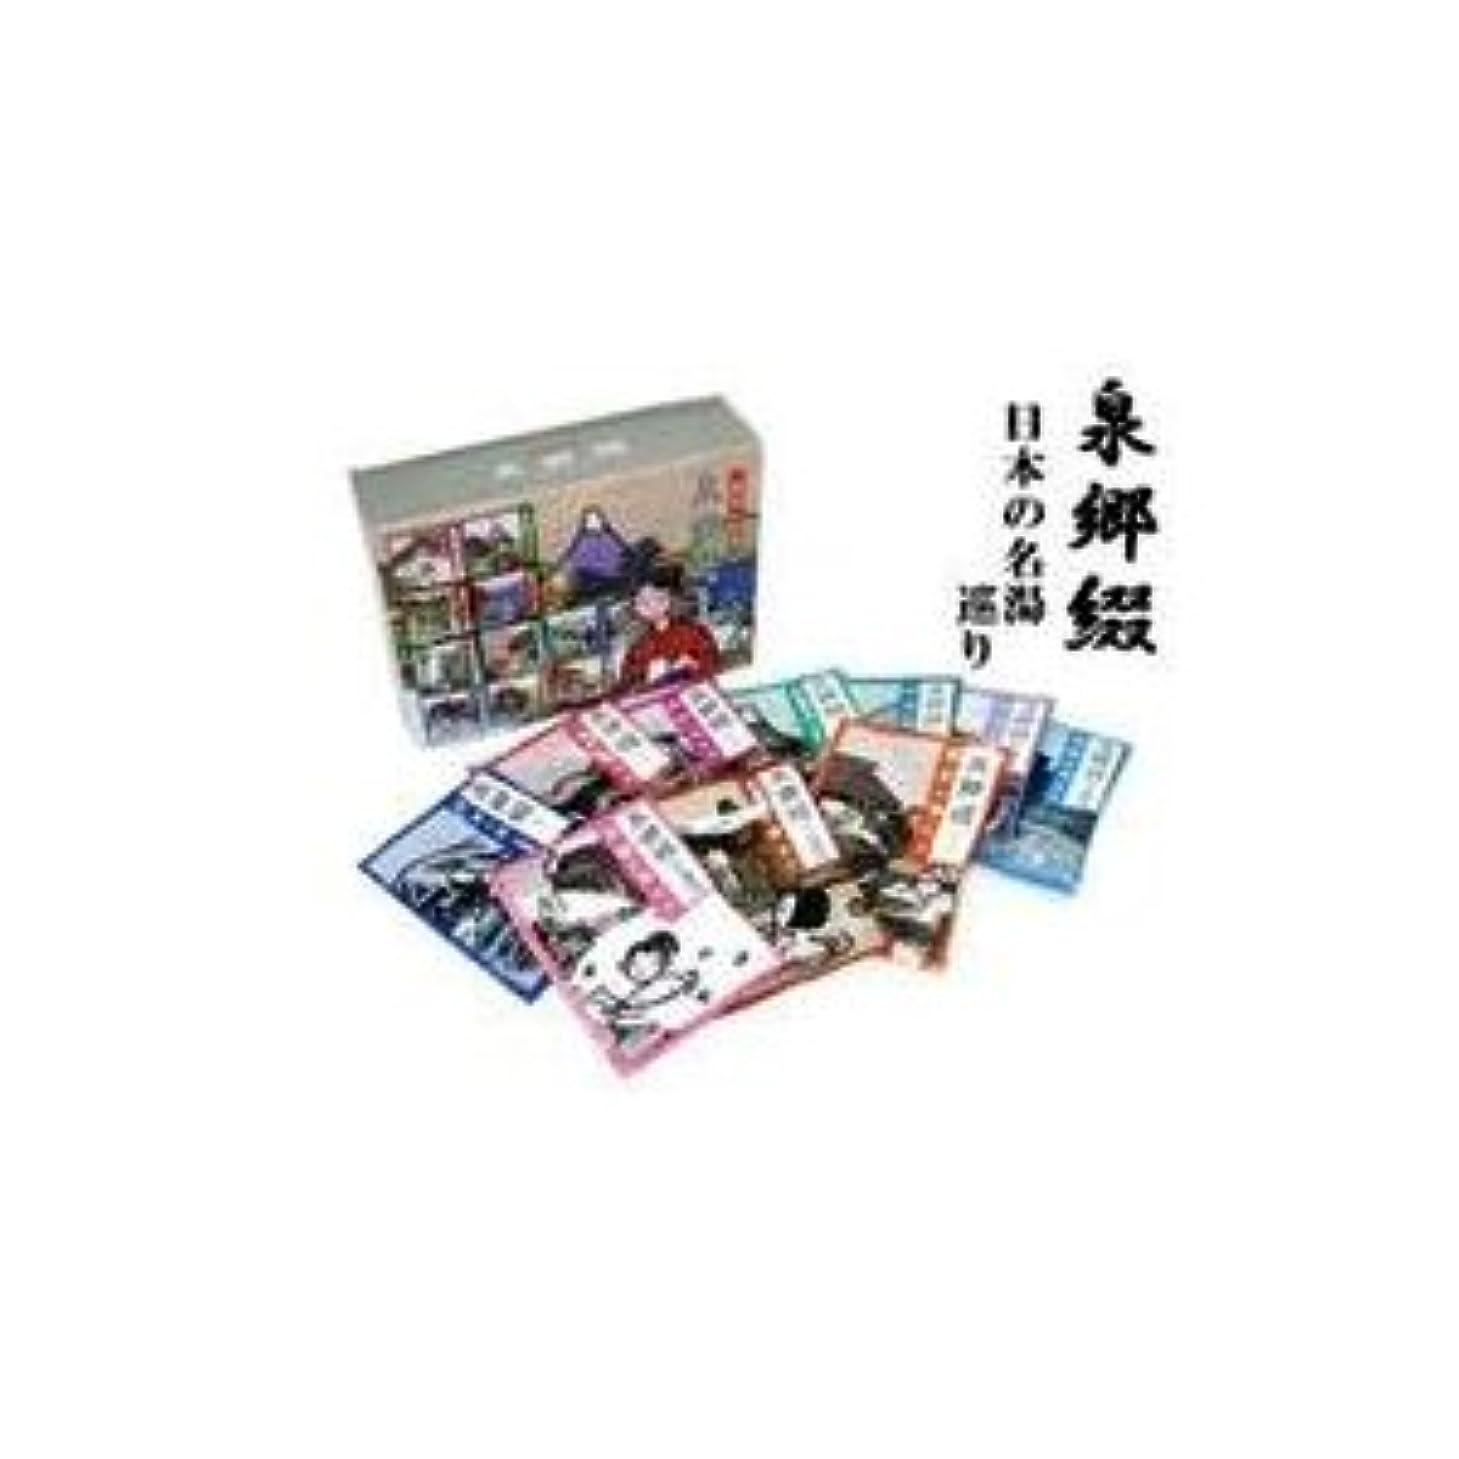 住居うねるびん入浴剤 泉郷綴<日本の名湯巡り>(10包入り)日本を代表する温泉10ヶ所の入浴剤(3セット)